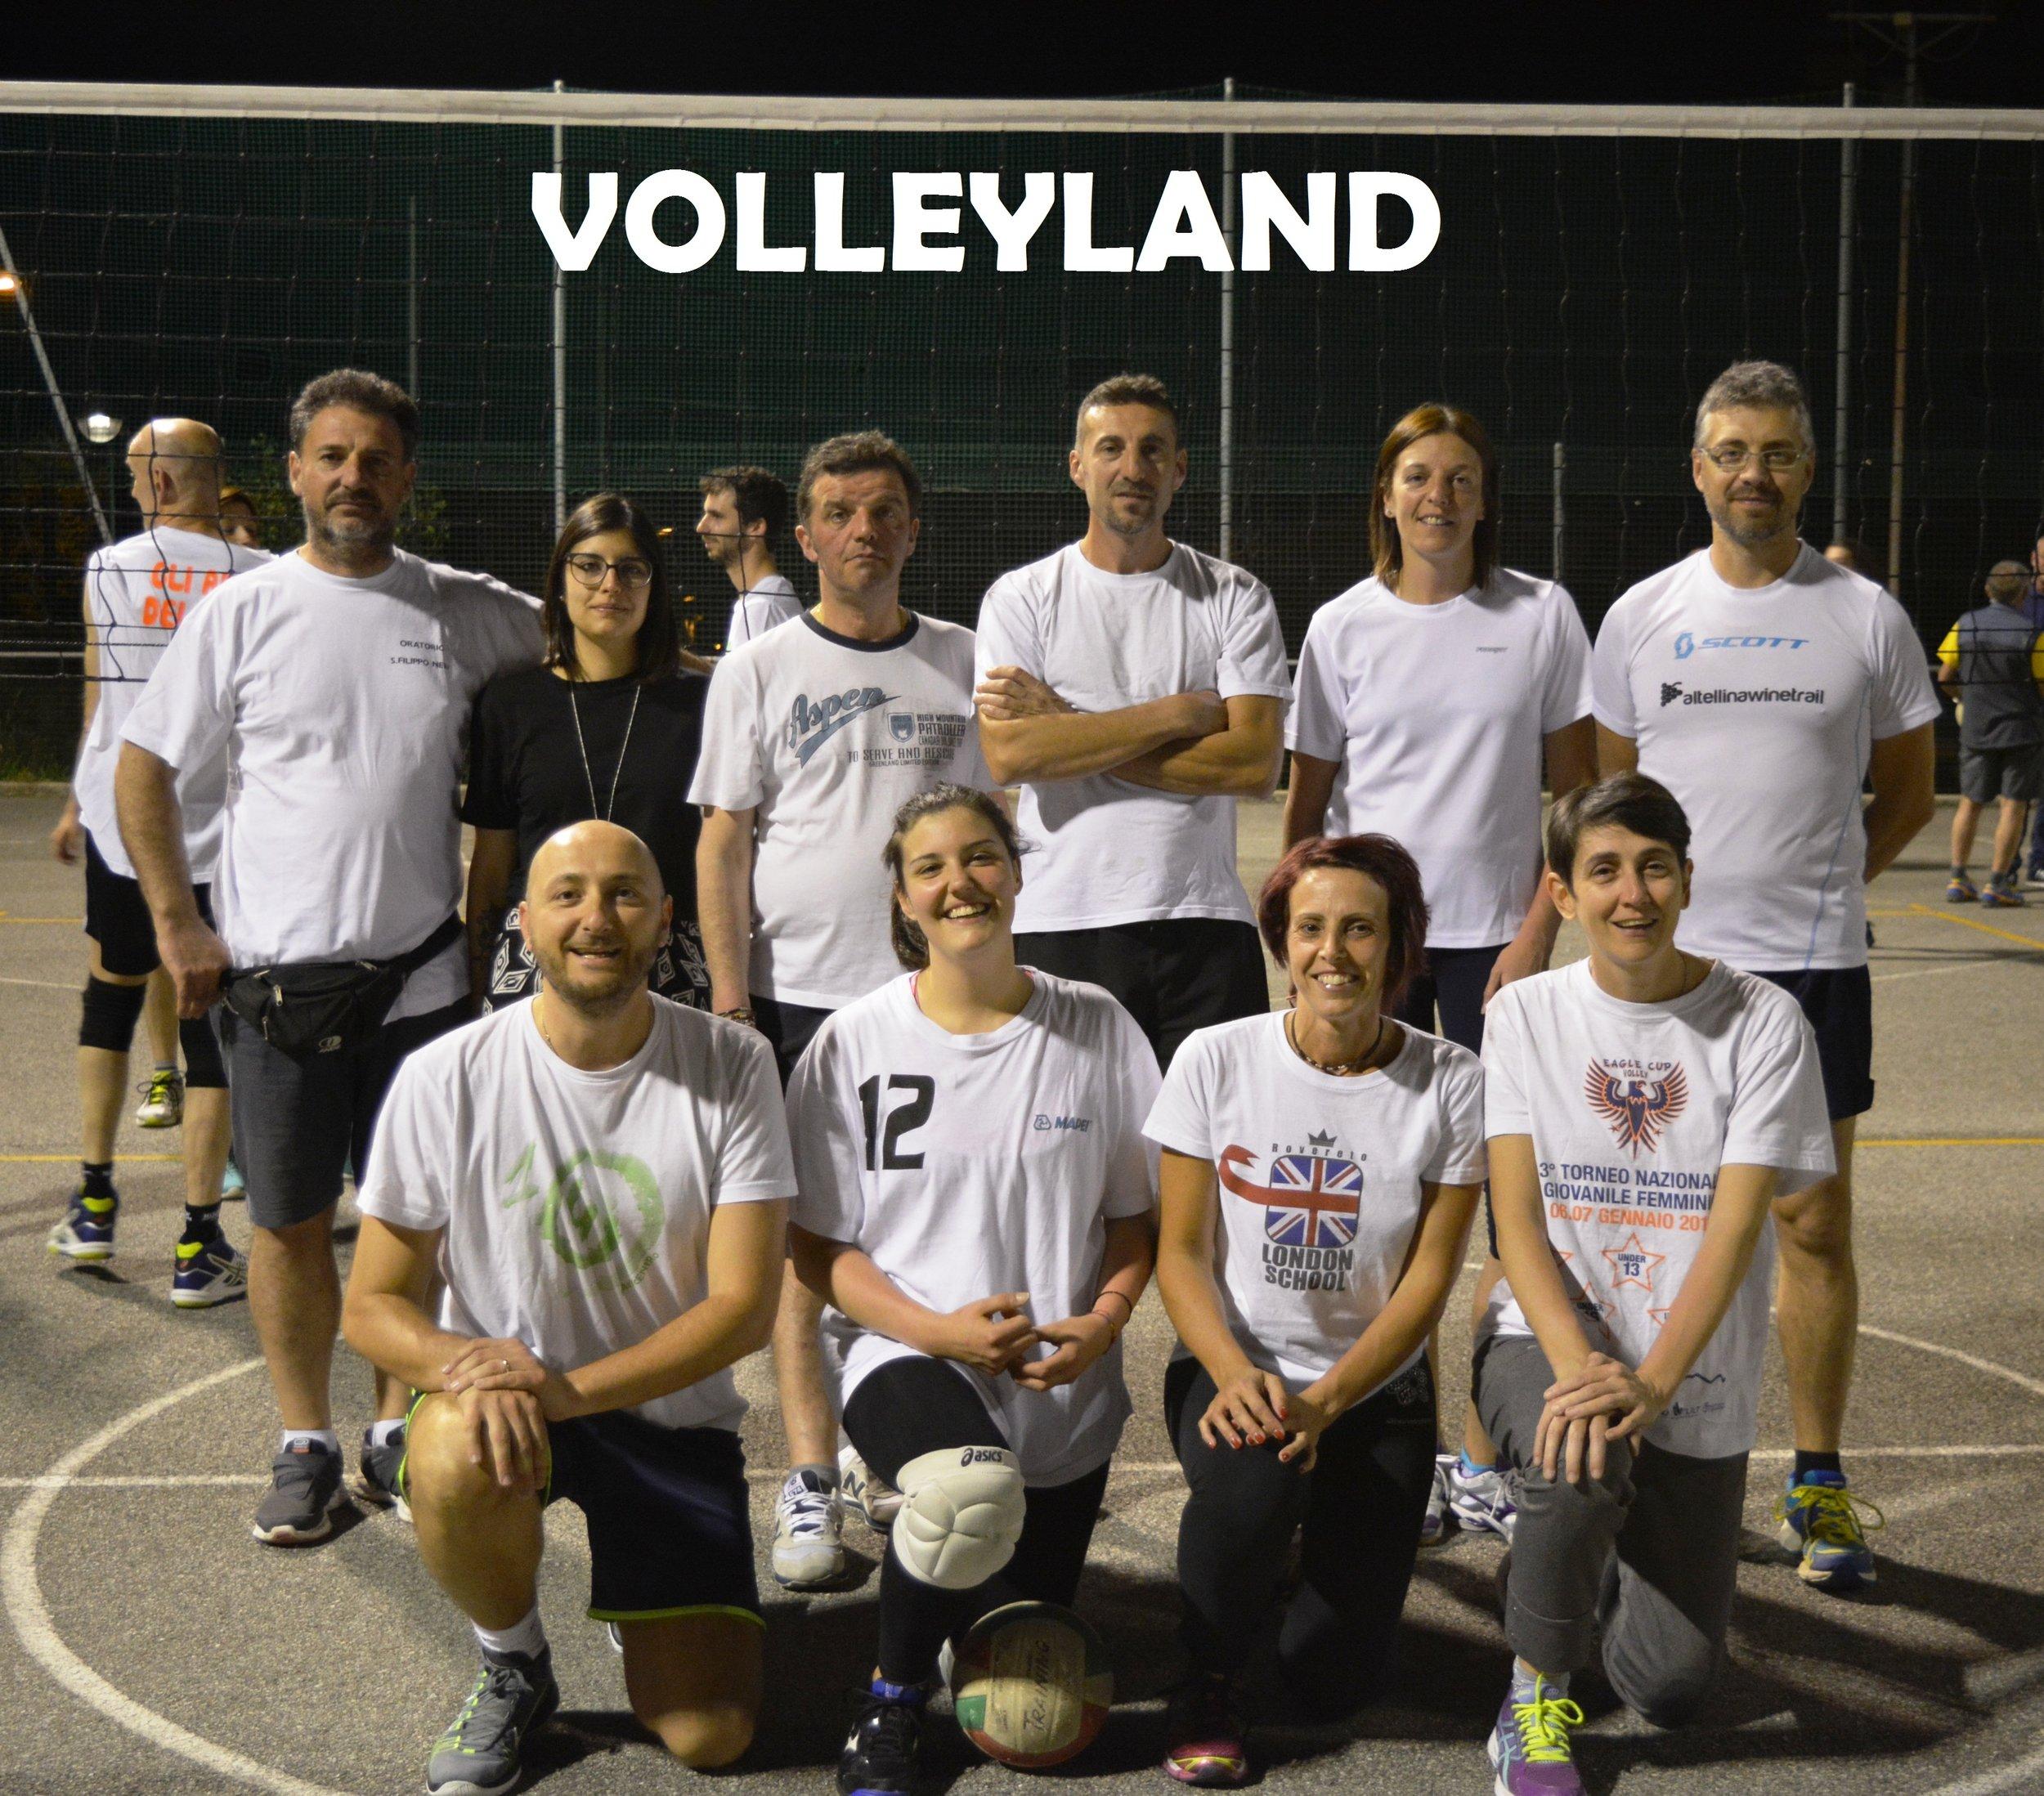 Volleyland.JPG